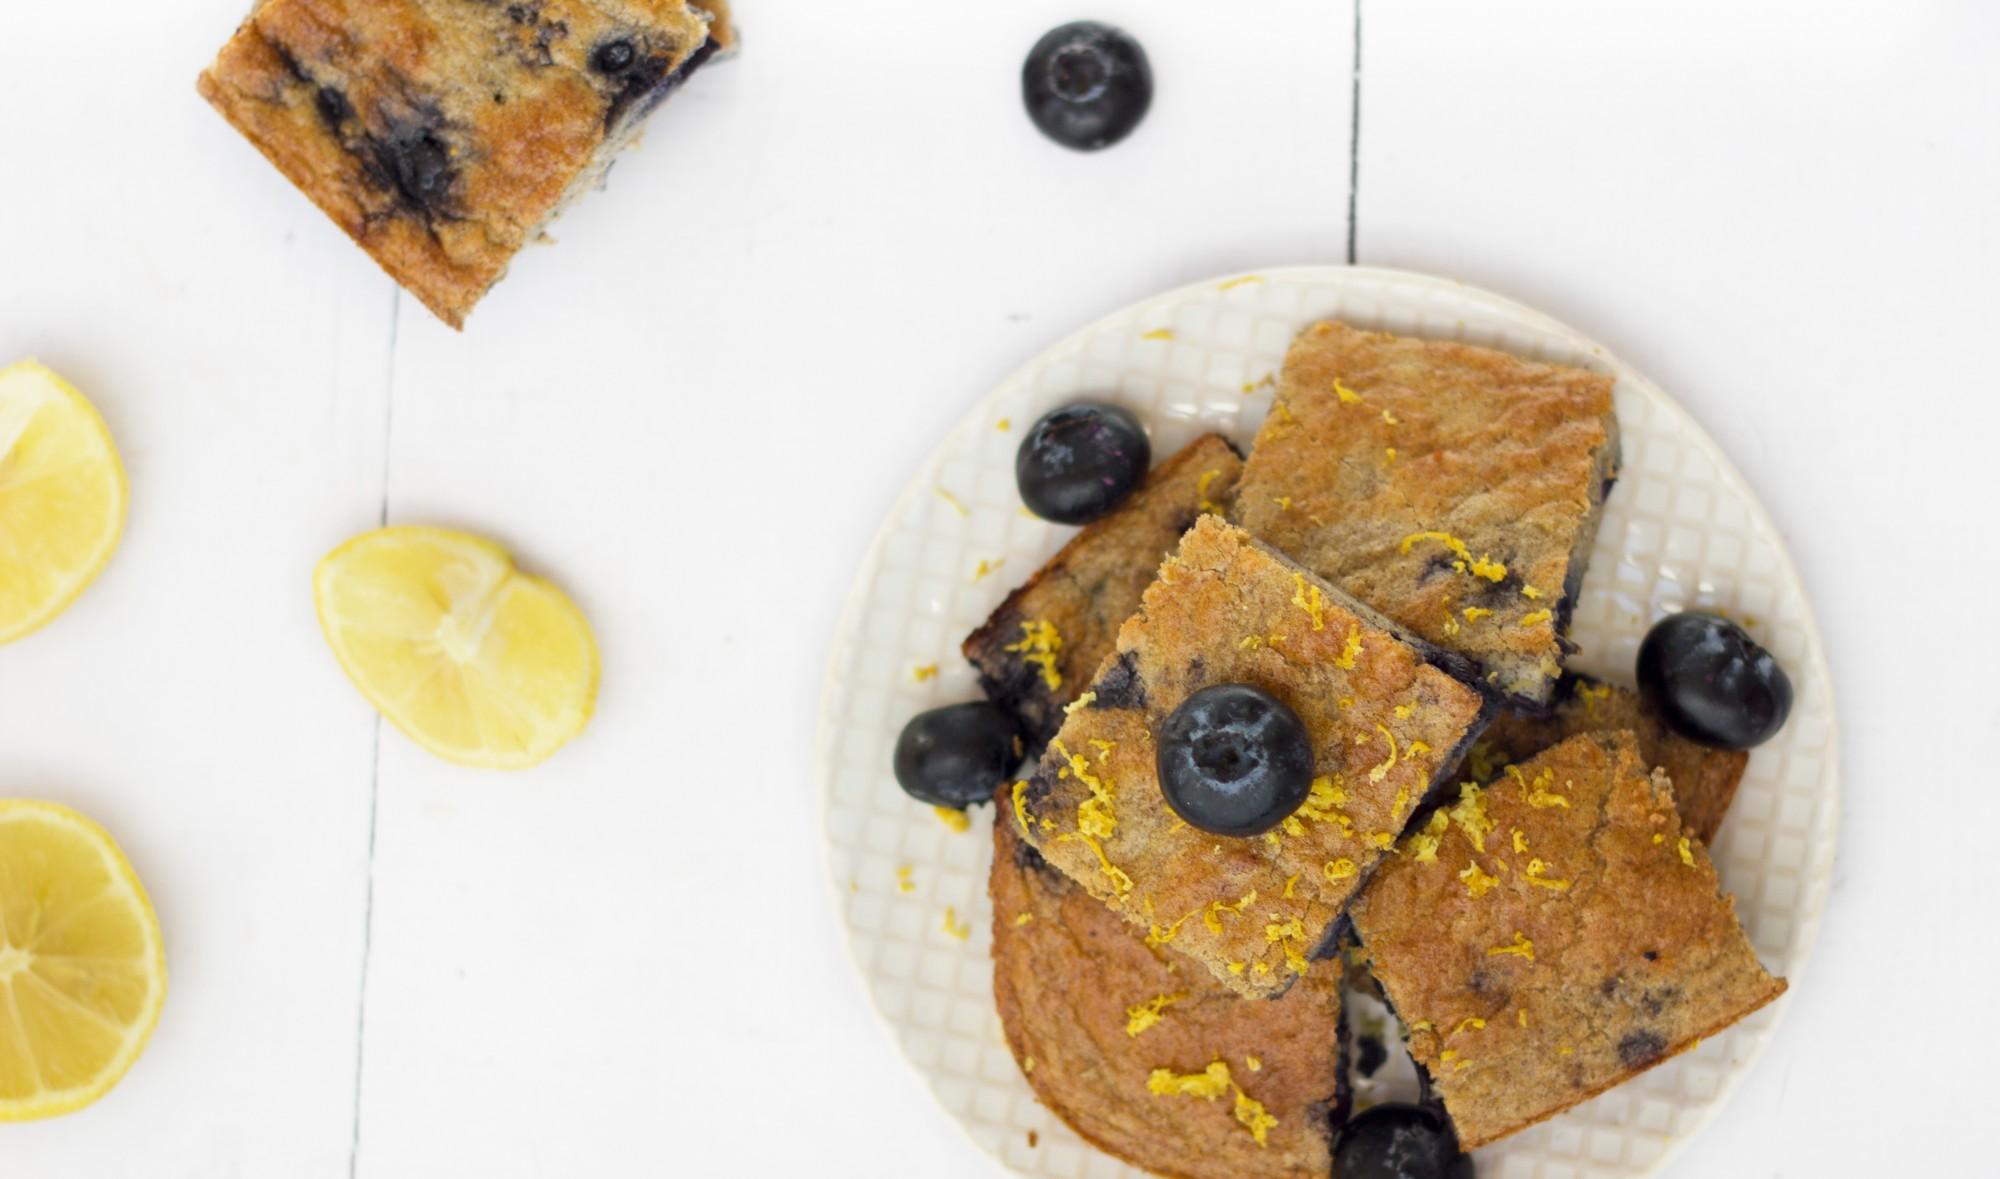 tone it up nutrition plan healthy recipe blueberry lemon zest breakfast cake protein